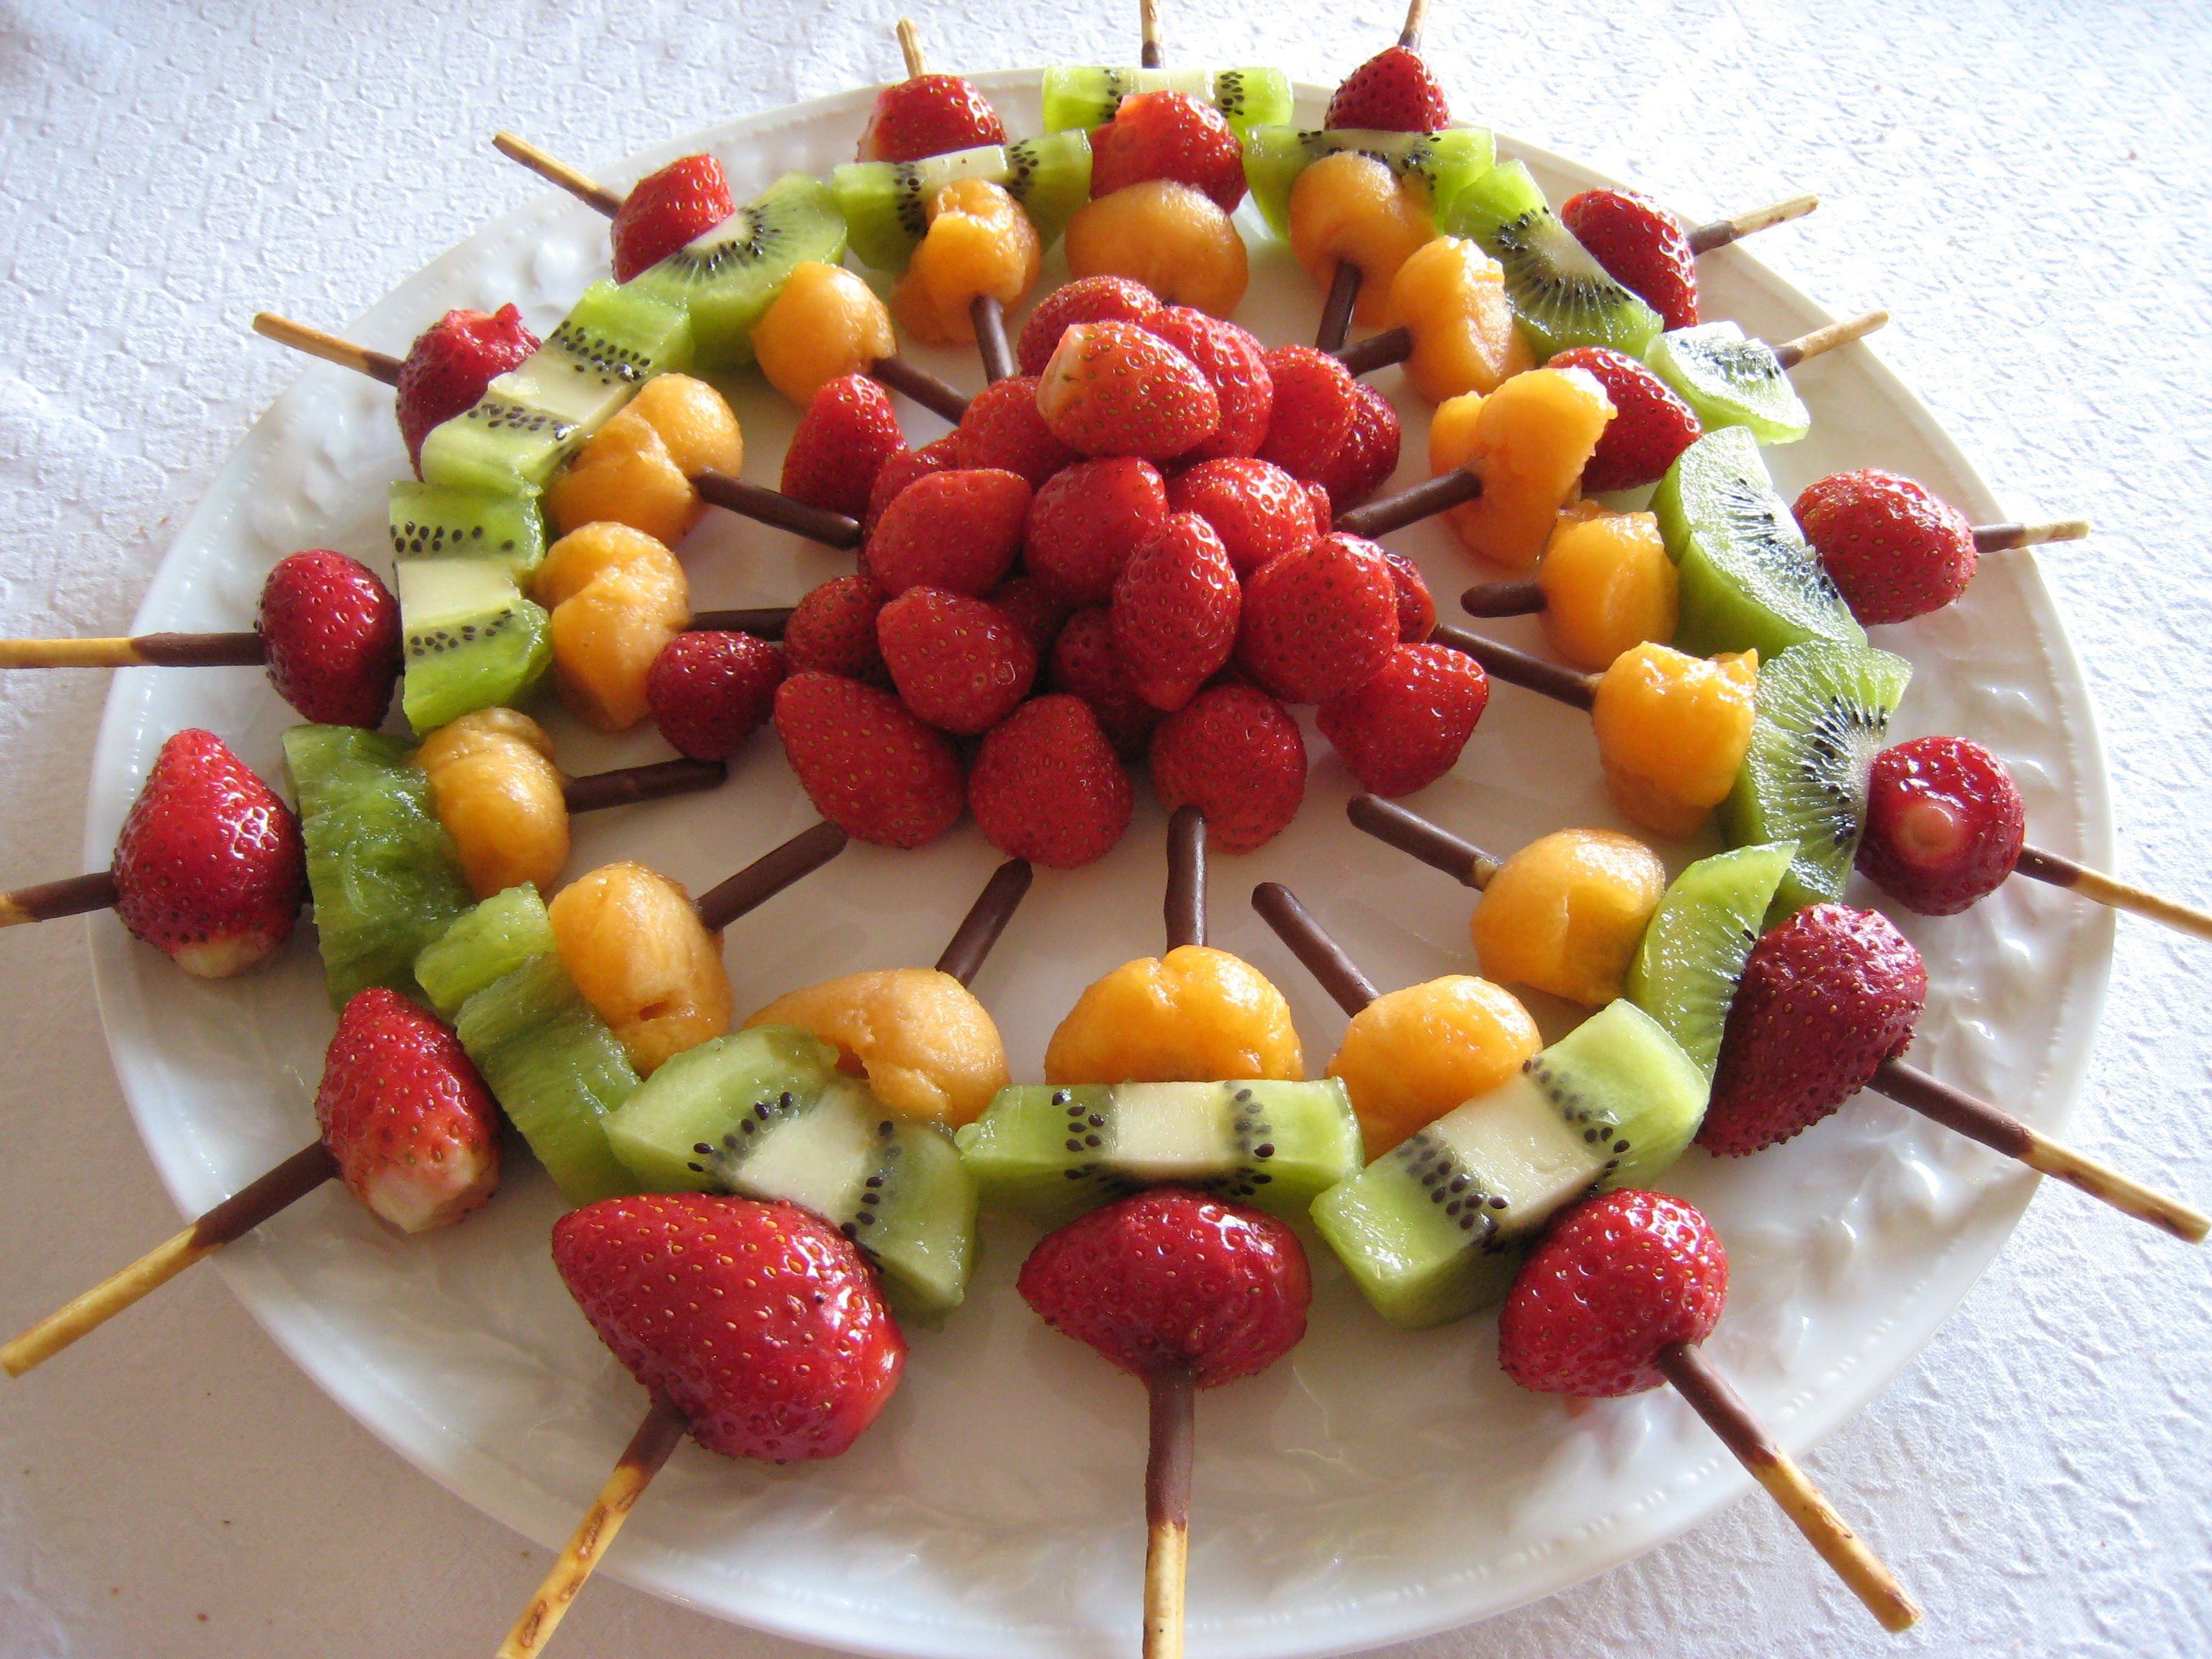 Фруктовая нарезка - как красиво украсить праздничный стол ассорти из фруктов (фото)